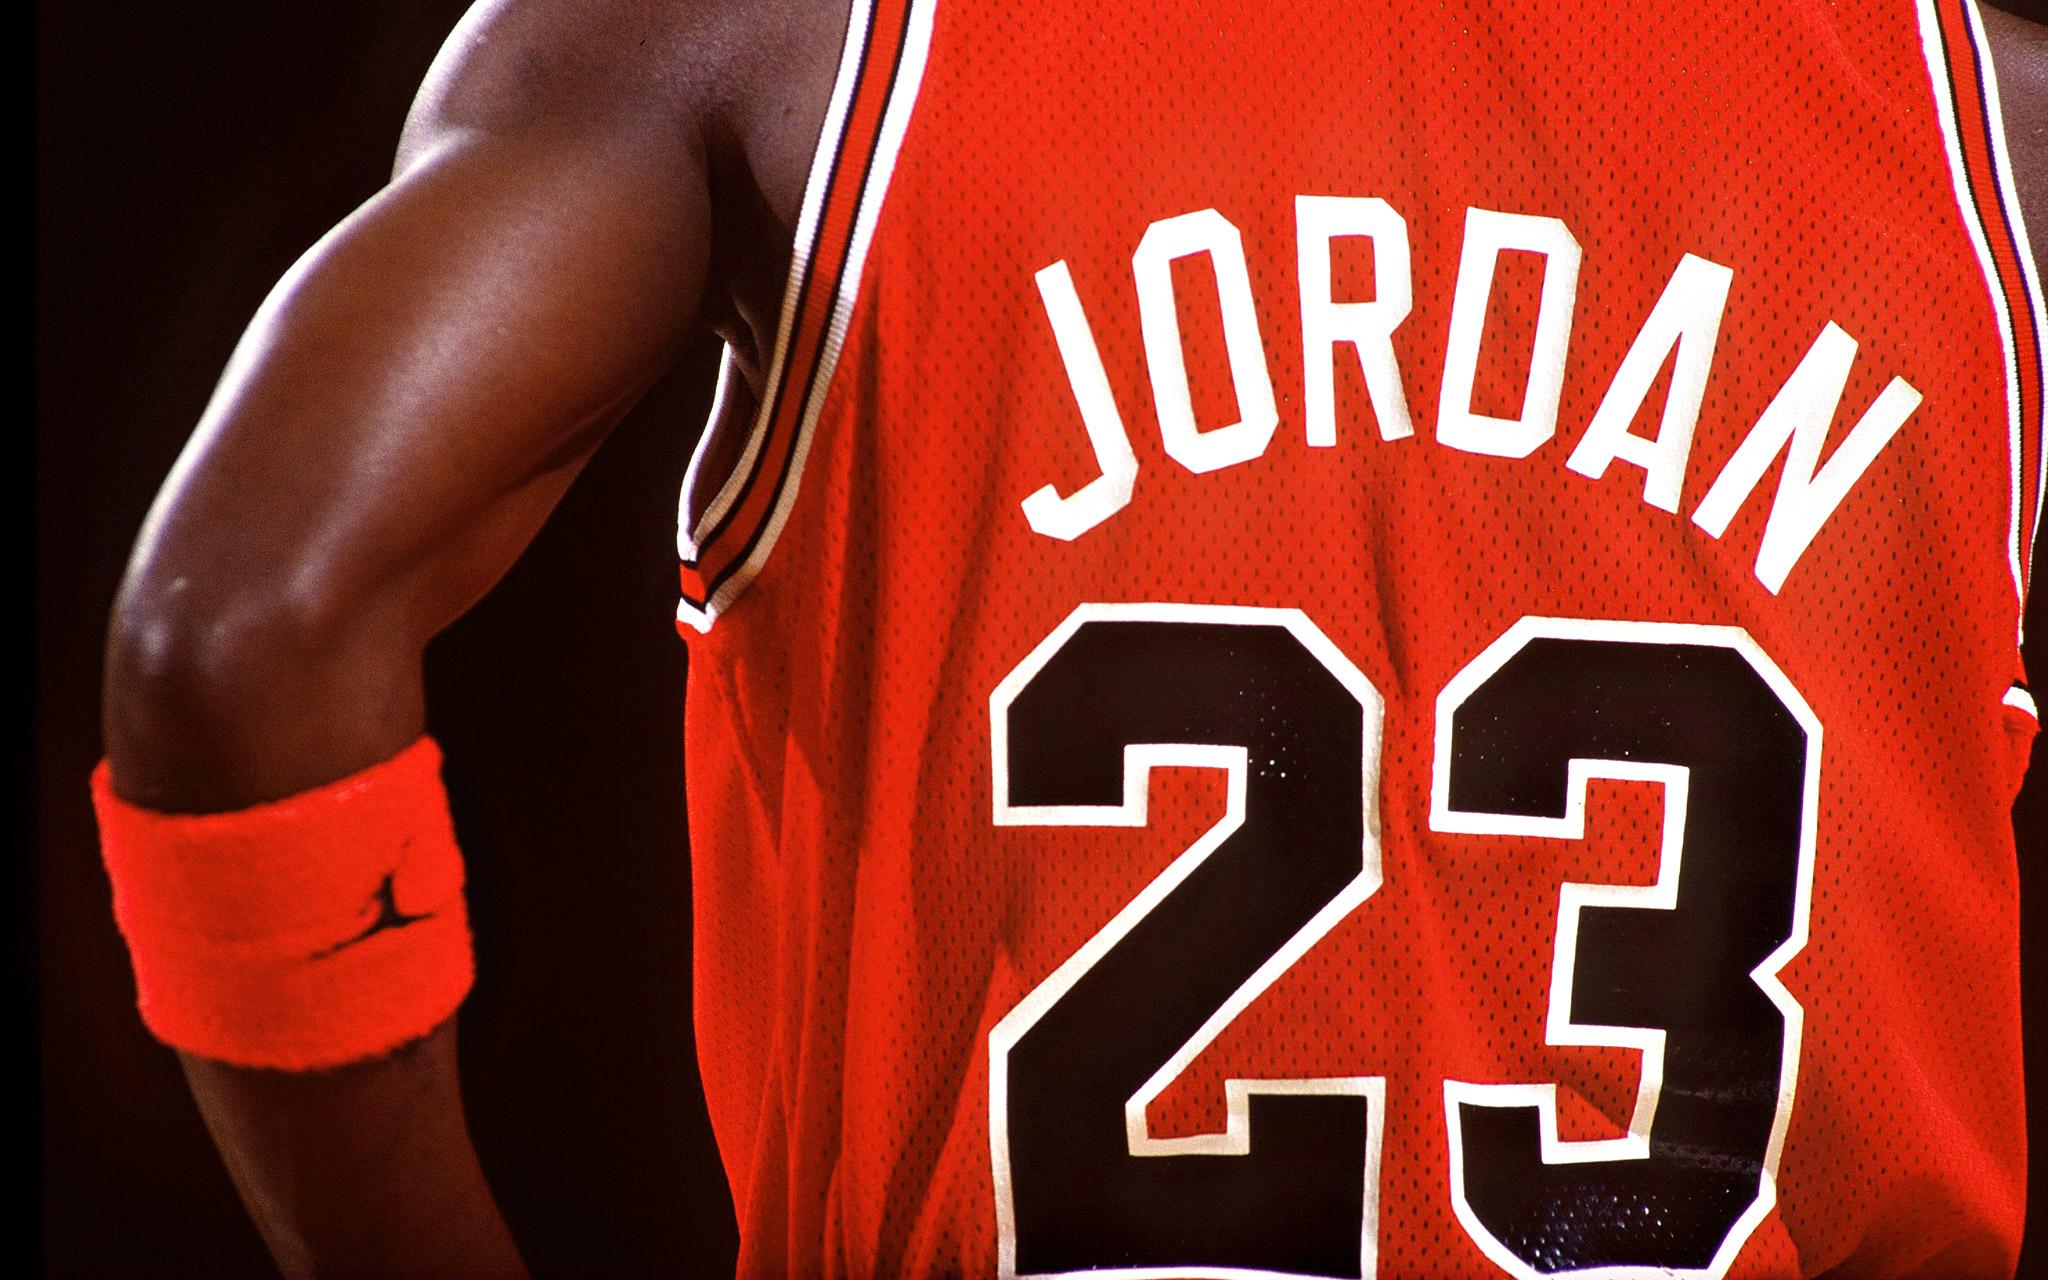 michael jordan jersey number 23